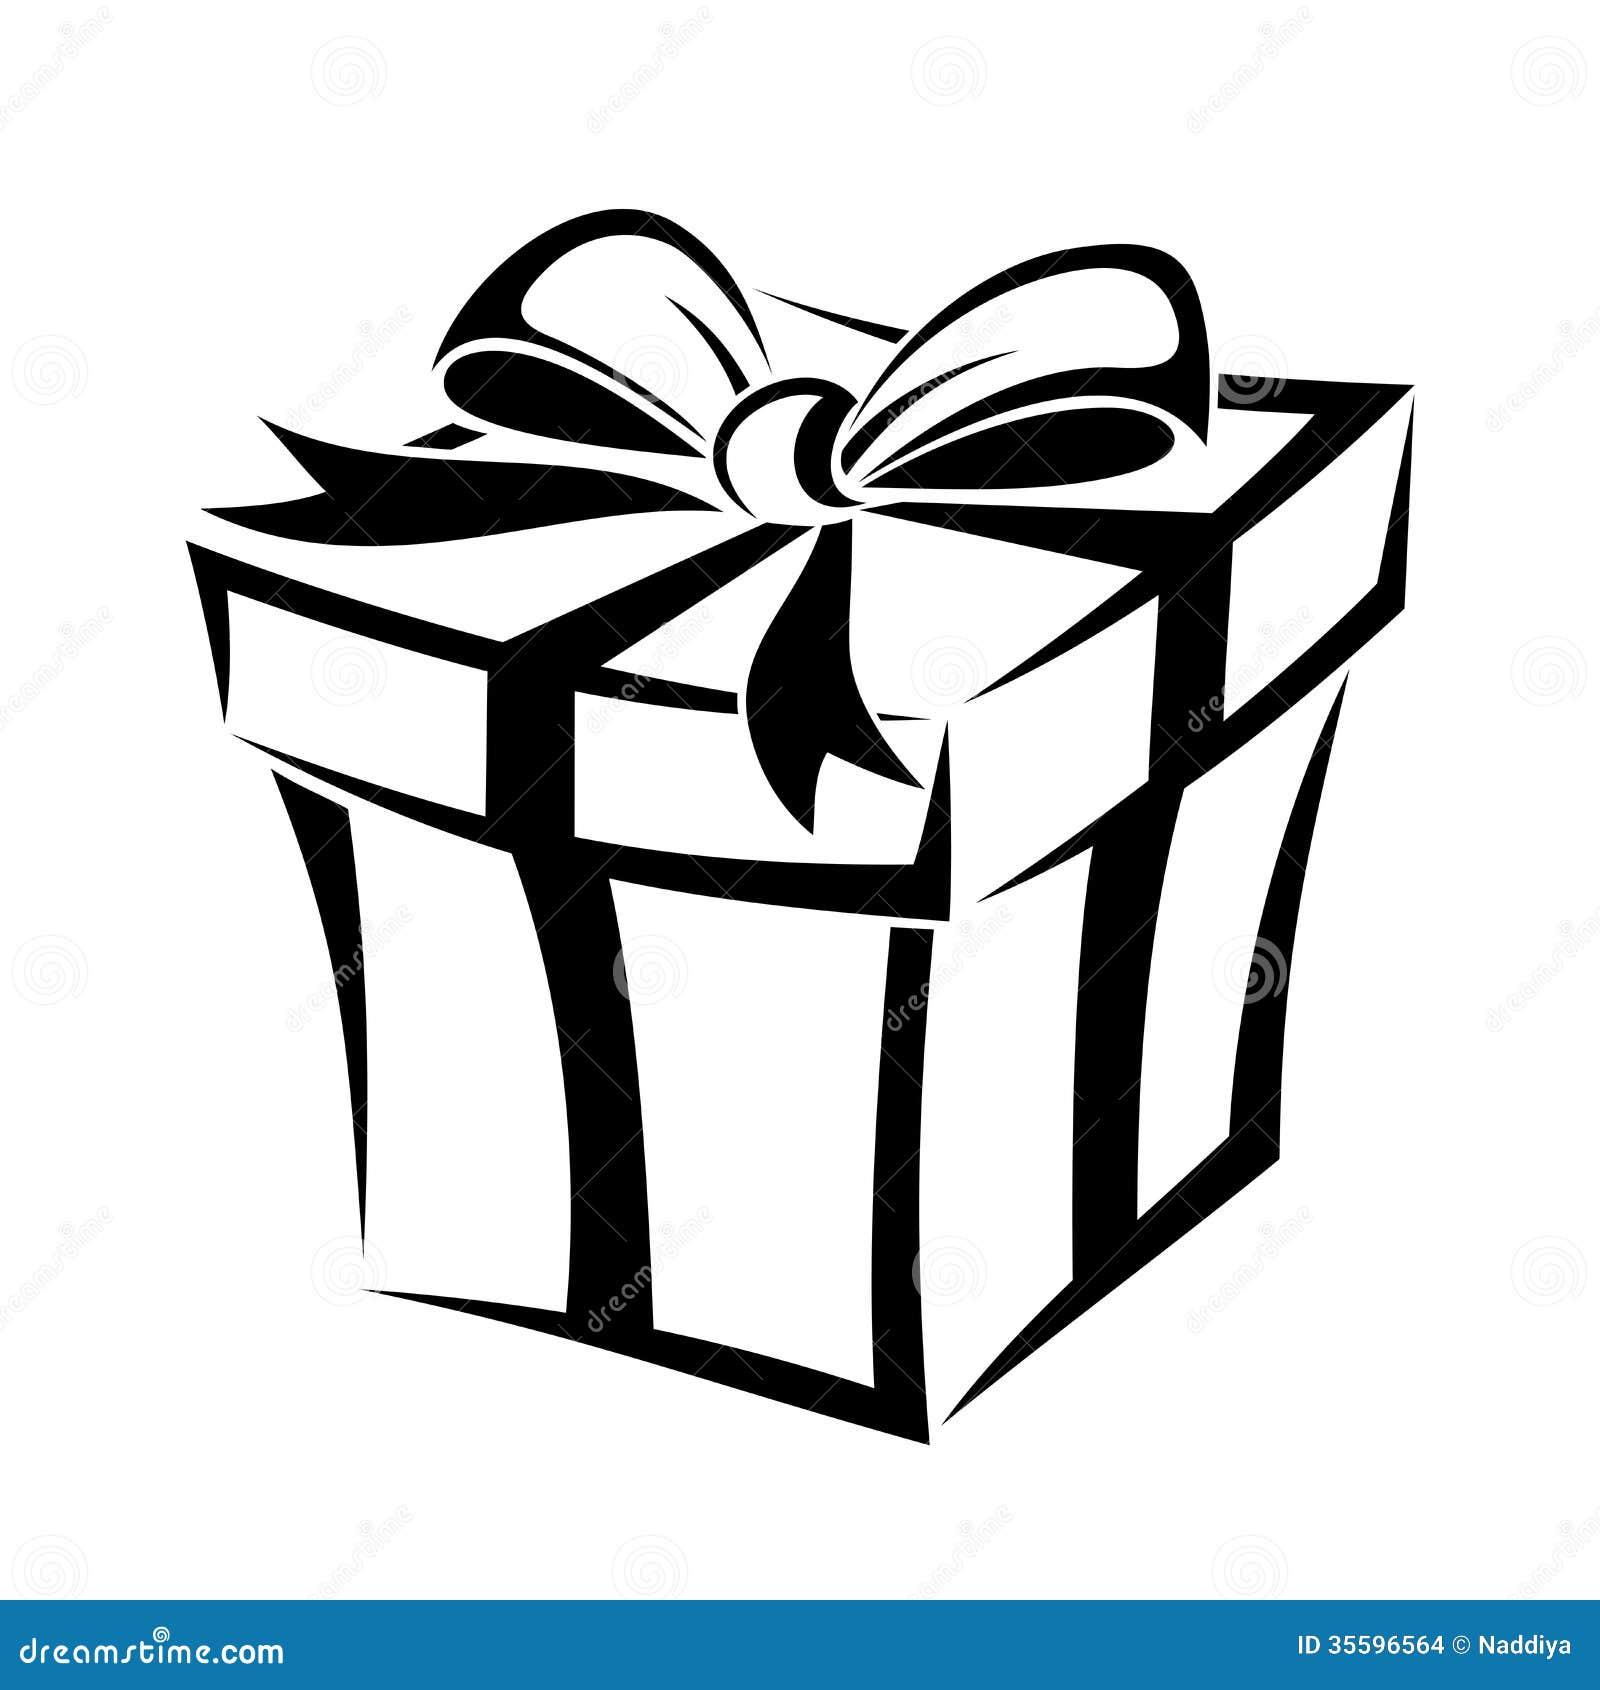 Caja de regalo silueta negra ilustraci n del vector - Regalos de muebles gratis ...